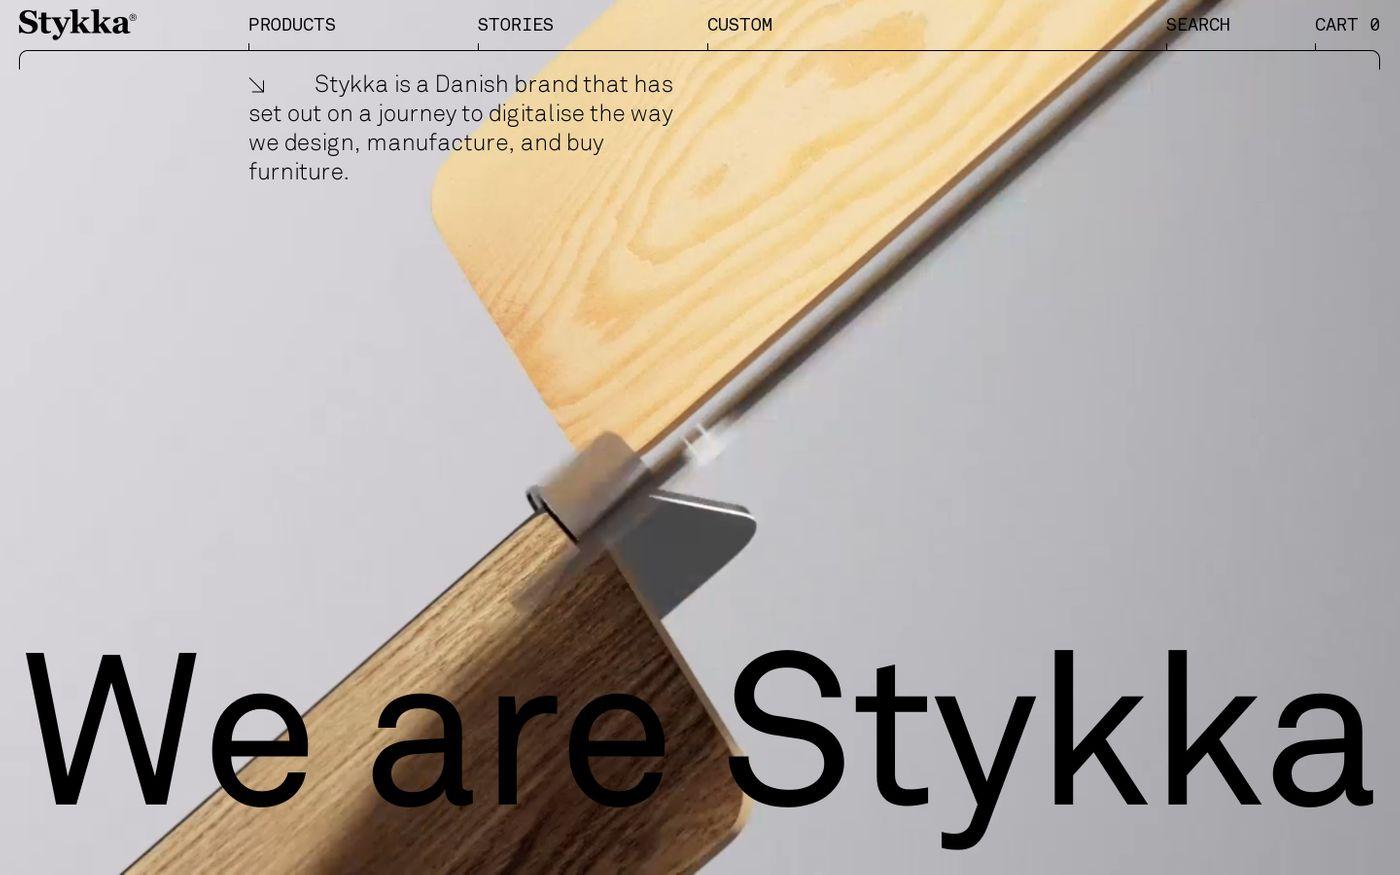 Screenshot of Stykka website